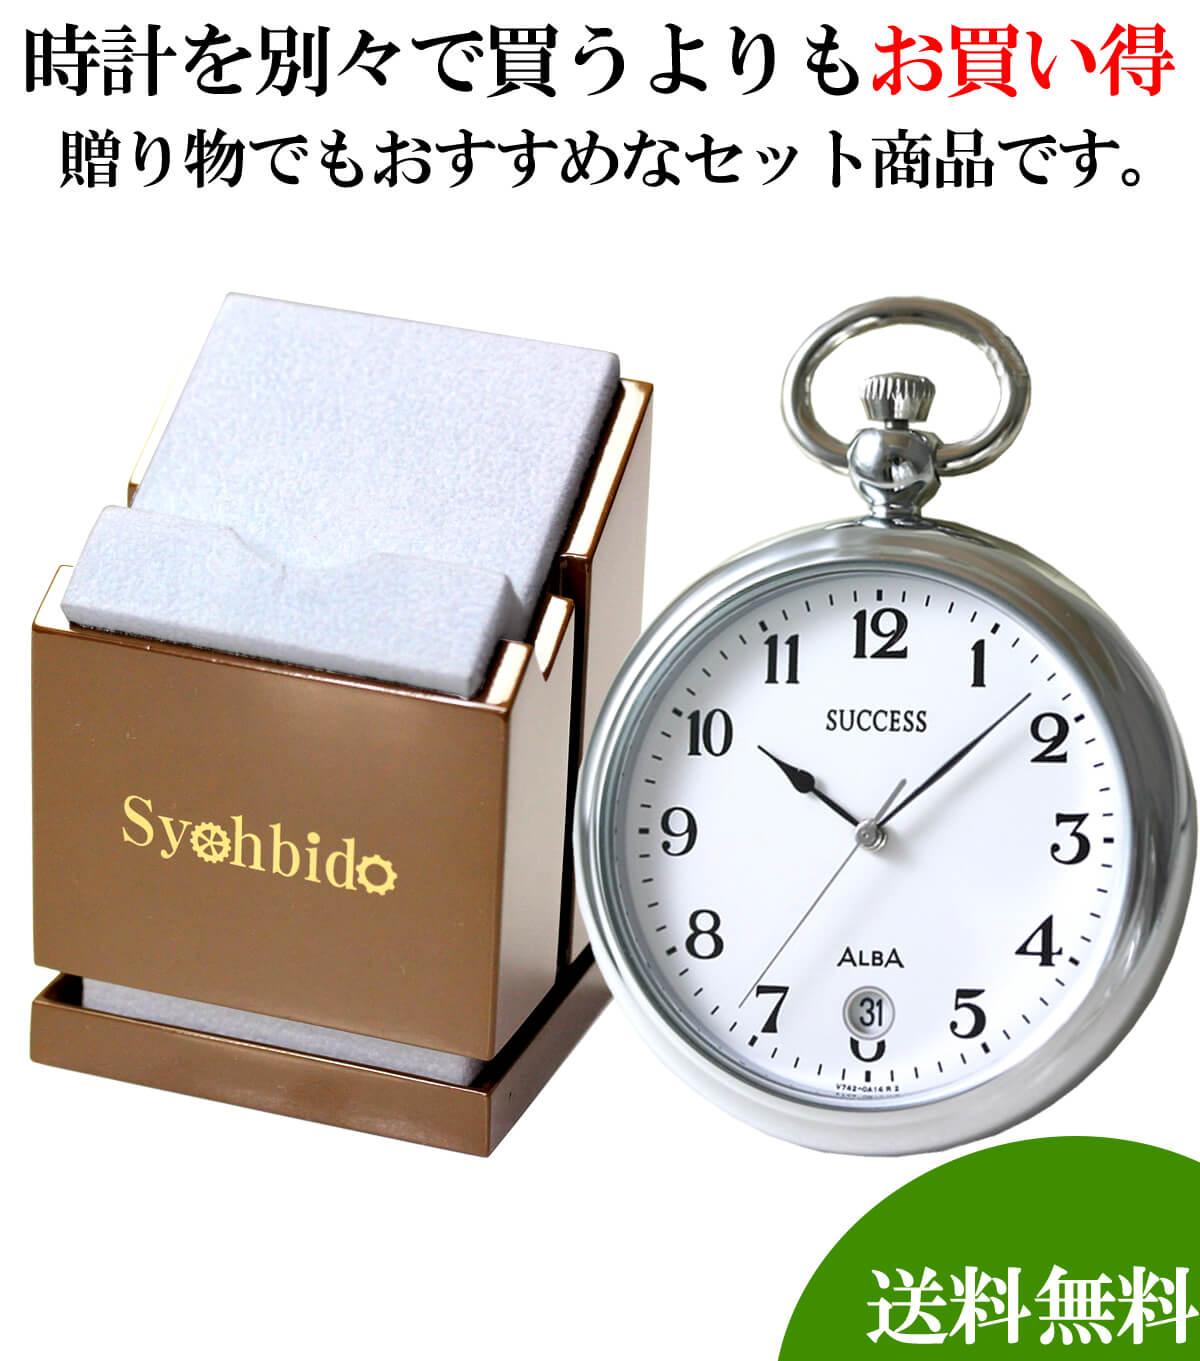 懐中時計と懐中時計専用スタンドのセット aabu005